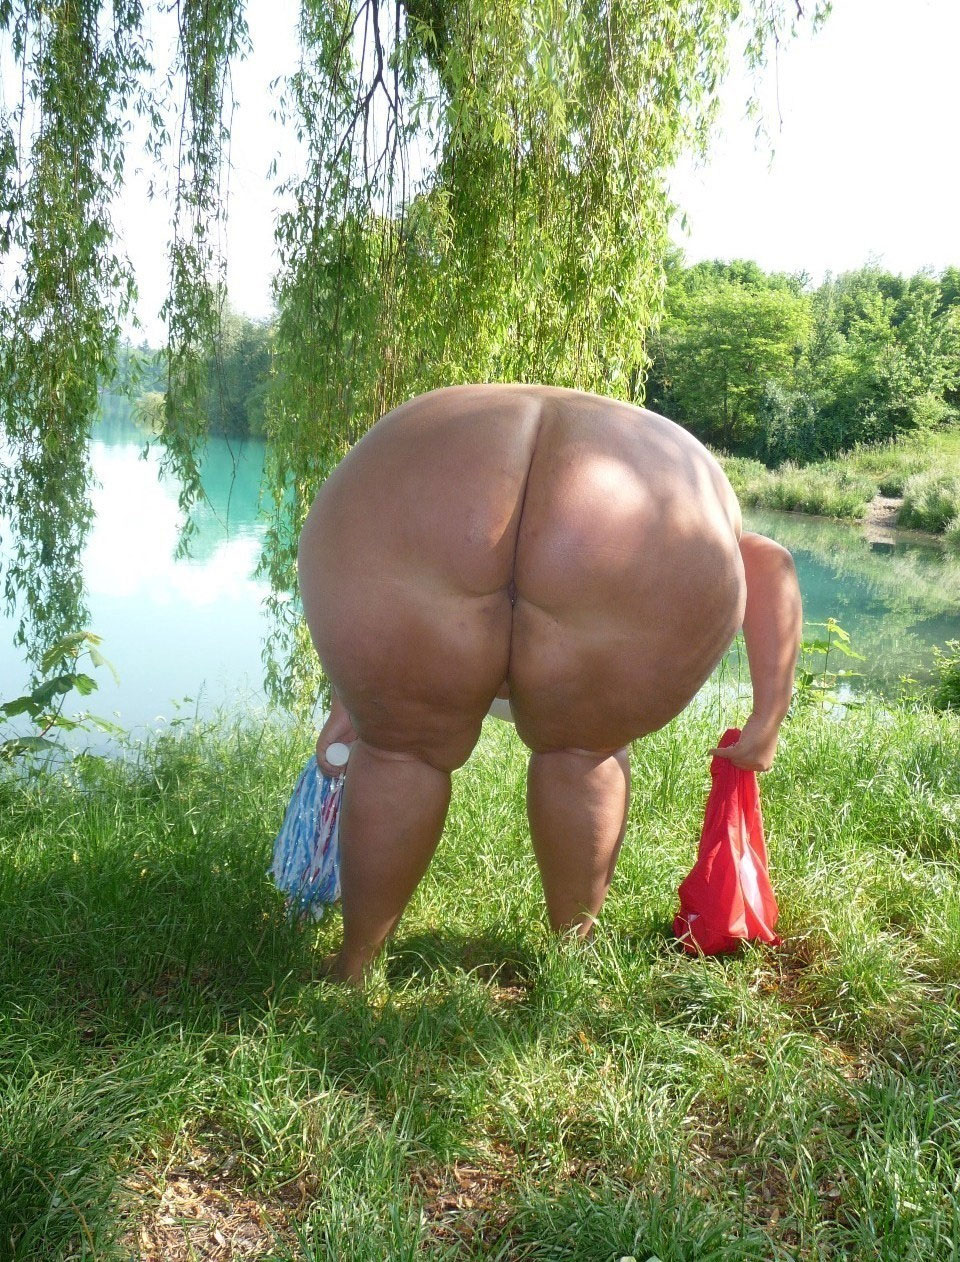 Прощения, что толстые жопы на природе прикольно... считаю